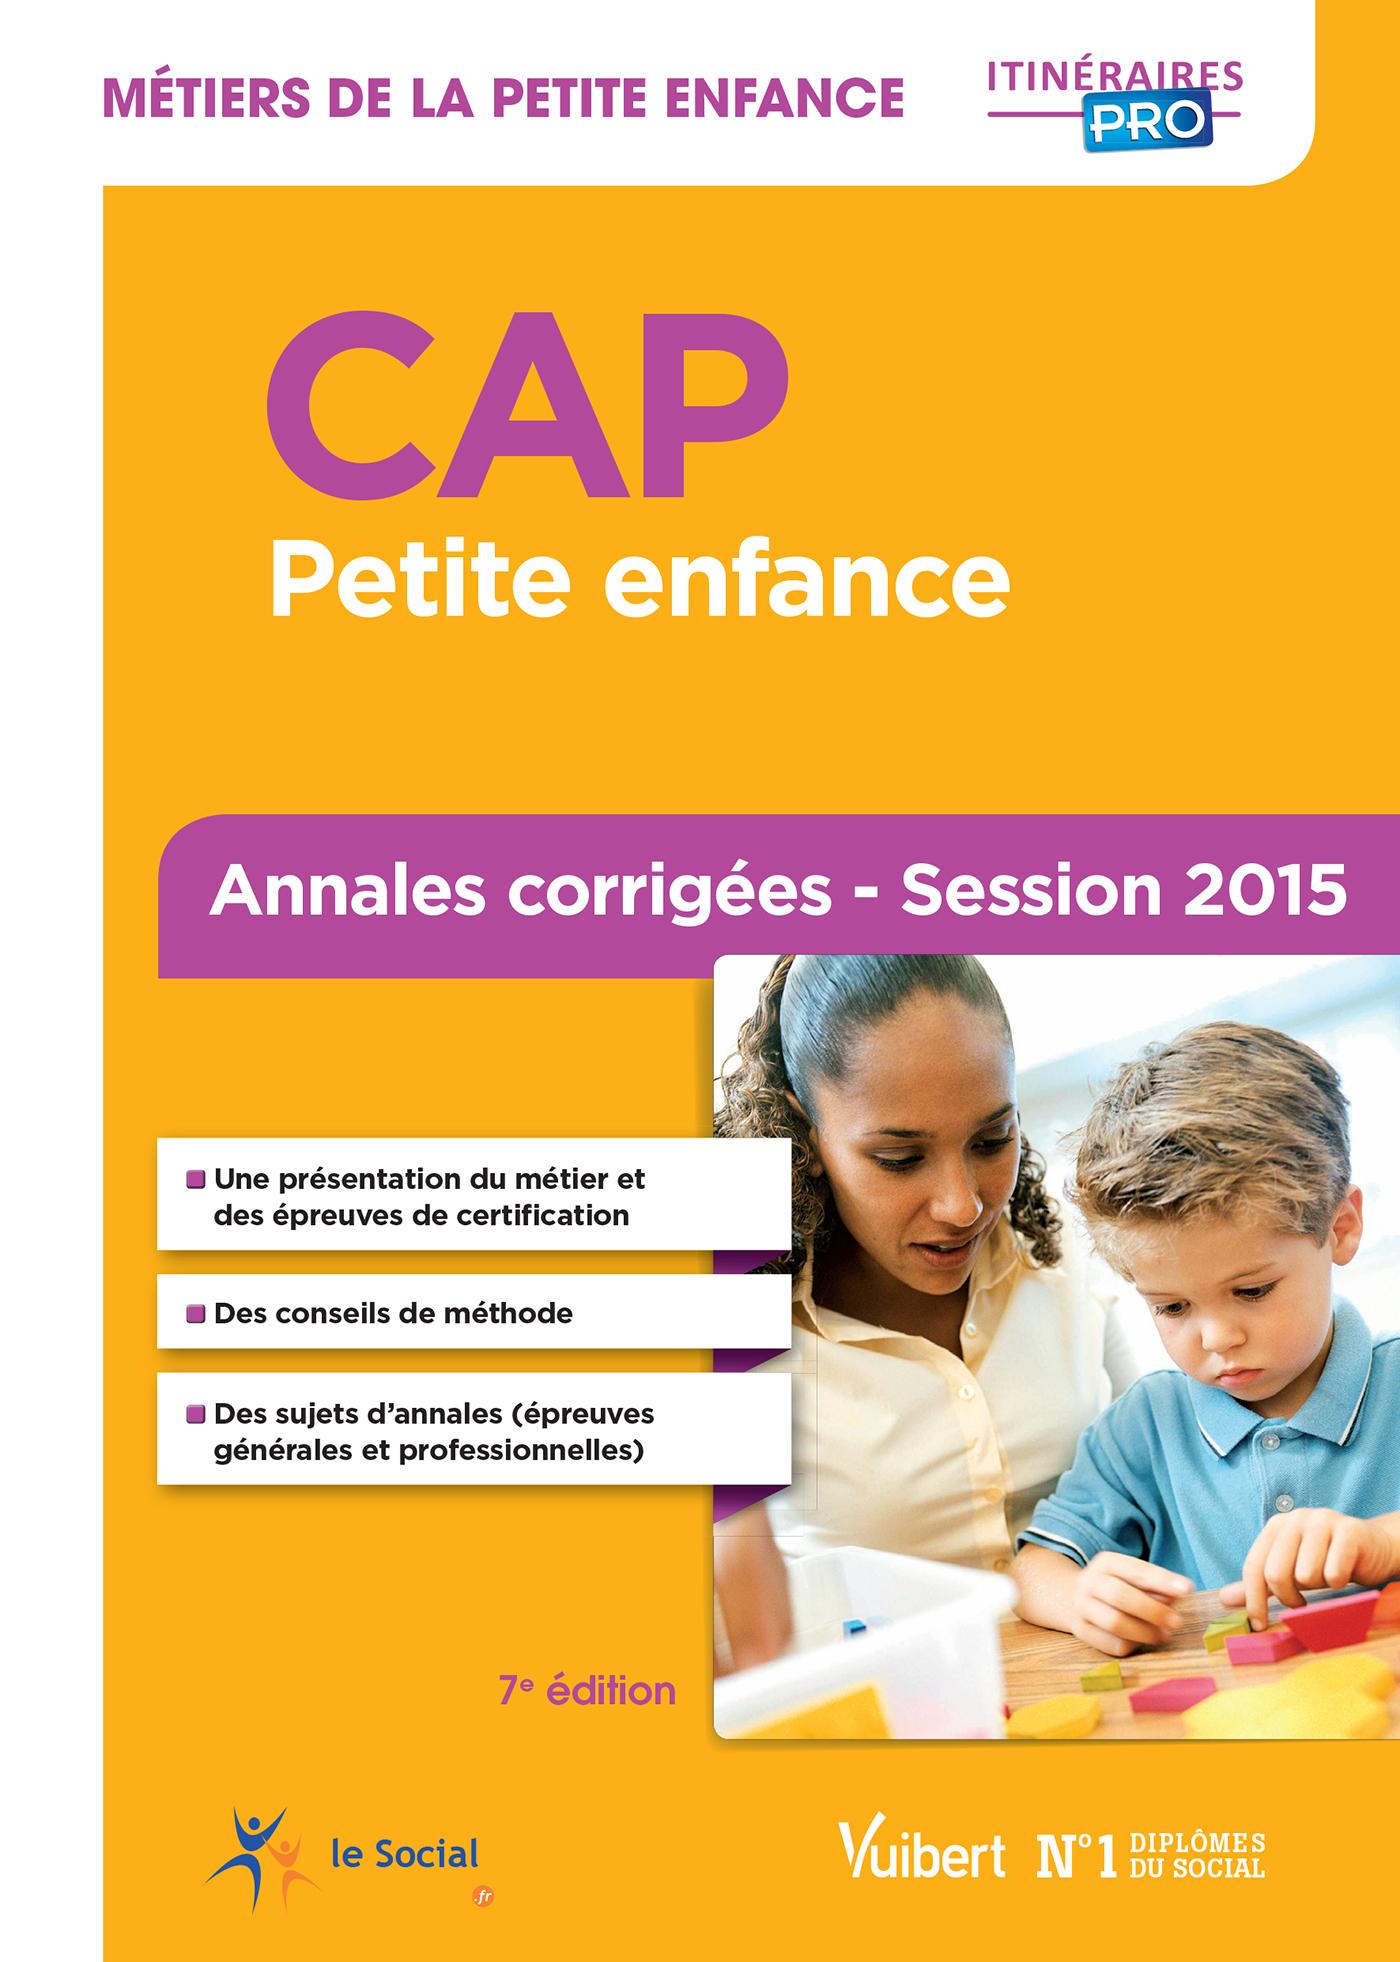 CAP PETITE ENFANCE MATIERES GENERALES ET PROFESSIONNELLES ANNALES 2015 7E EDT